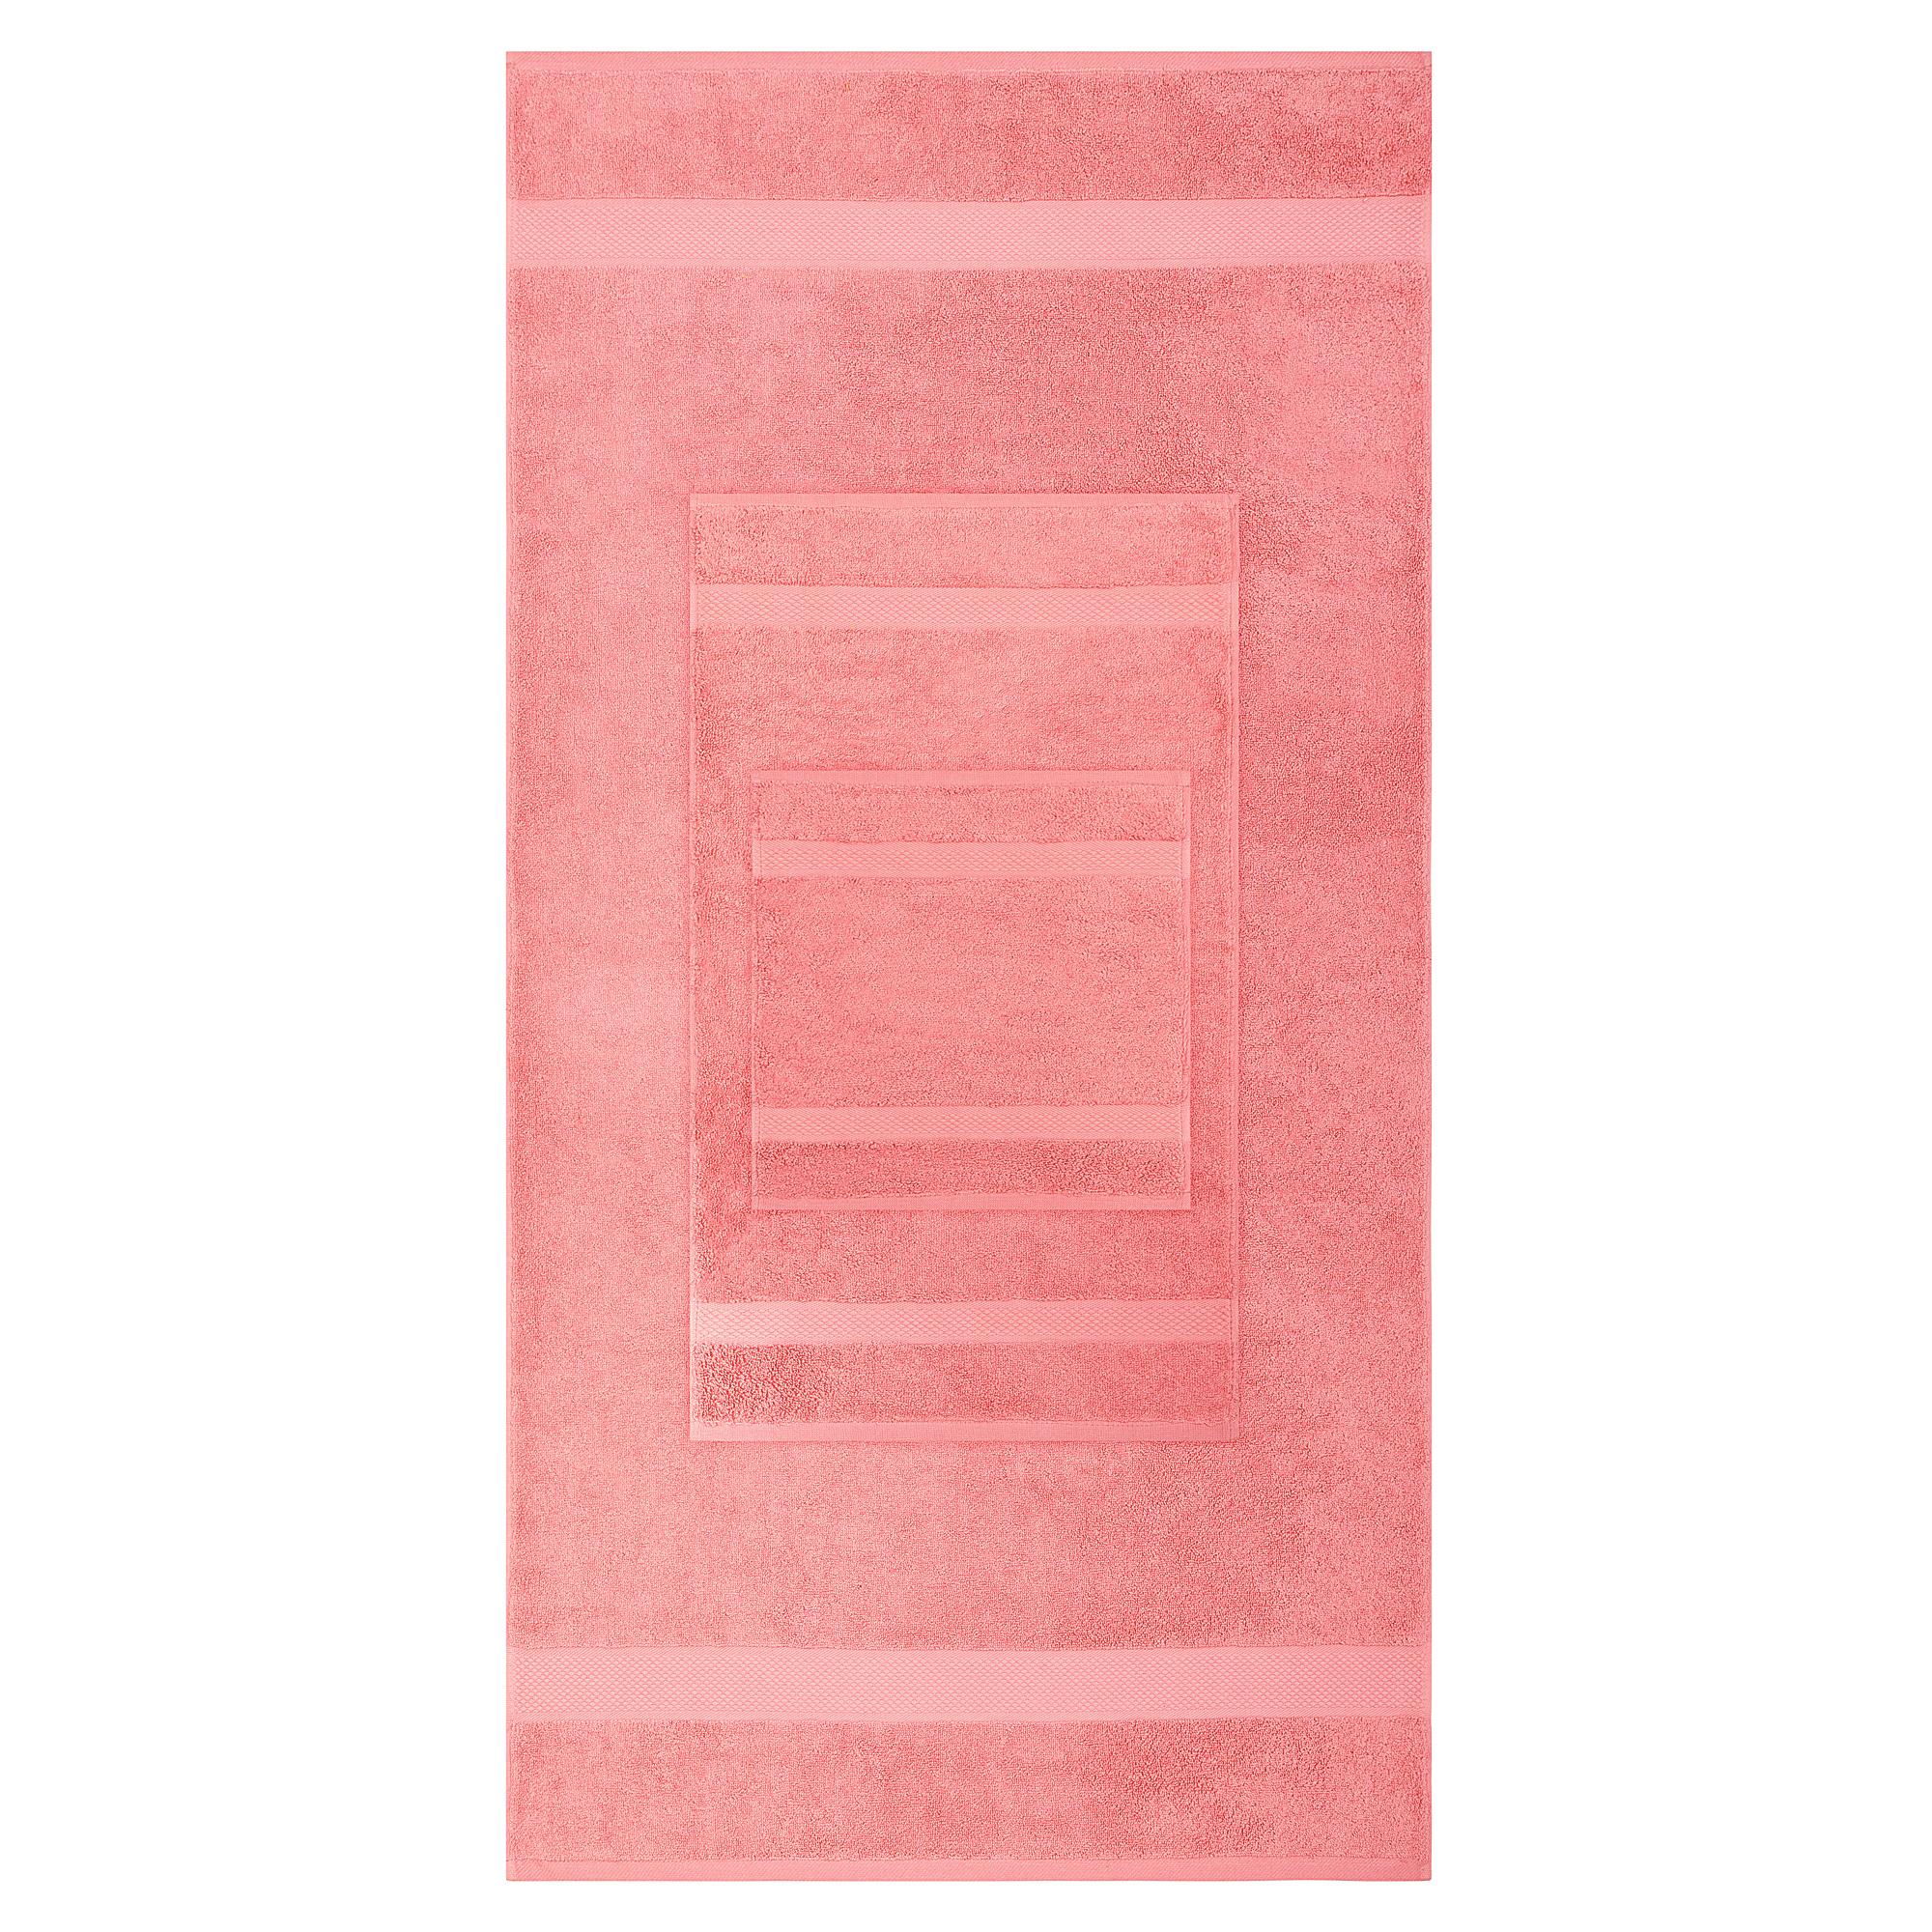 8pcs 700gsm Signature Range Dusty Pink Plain 8 Pieces Bale Set Towel